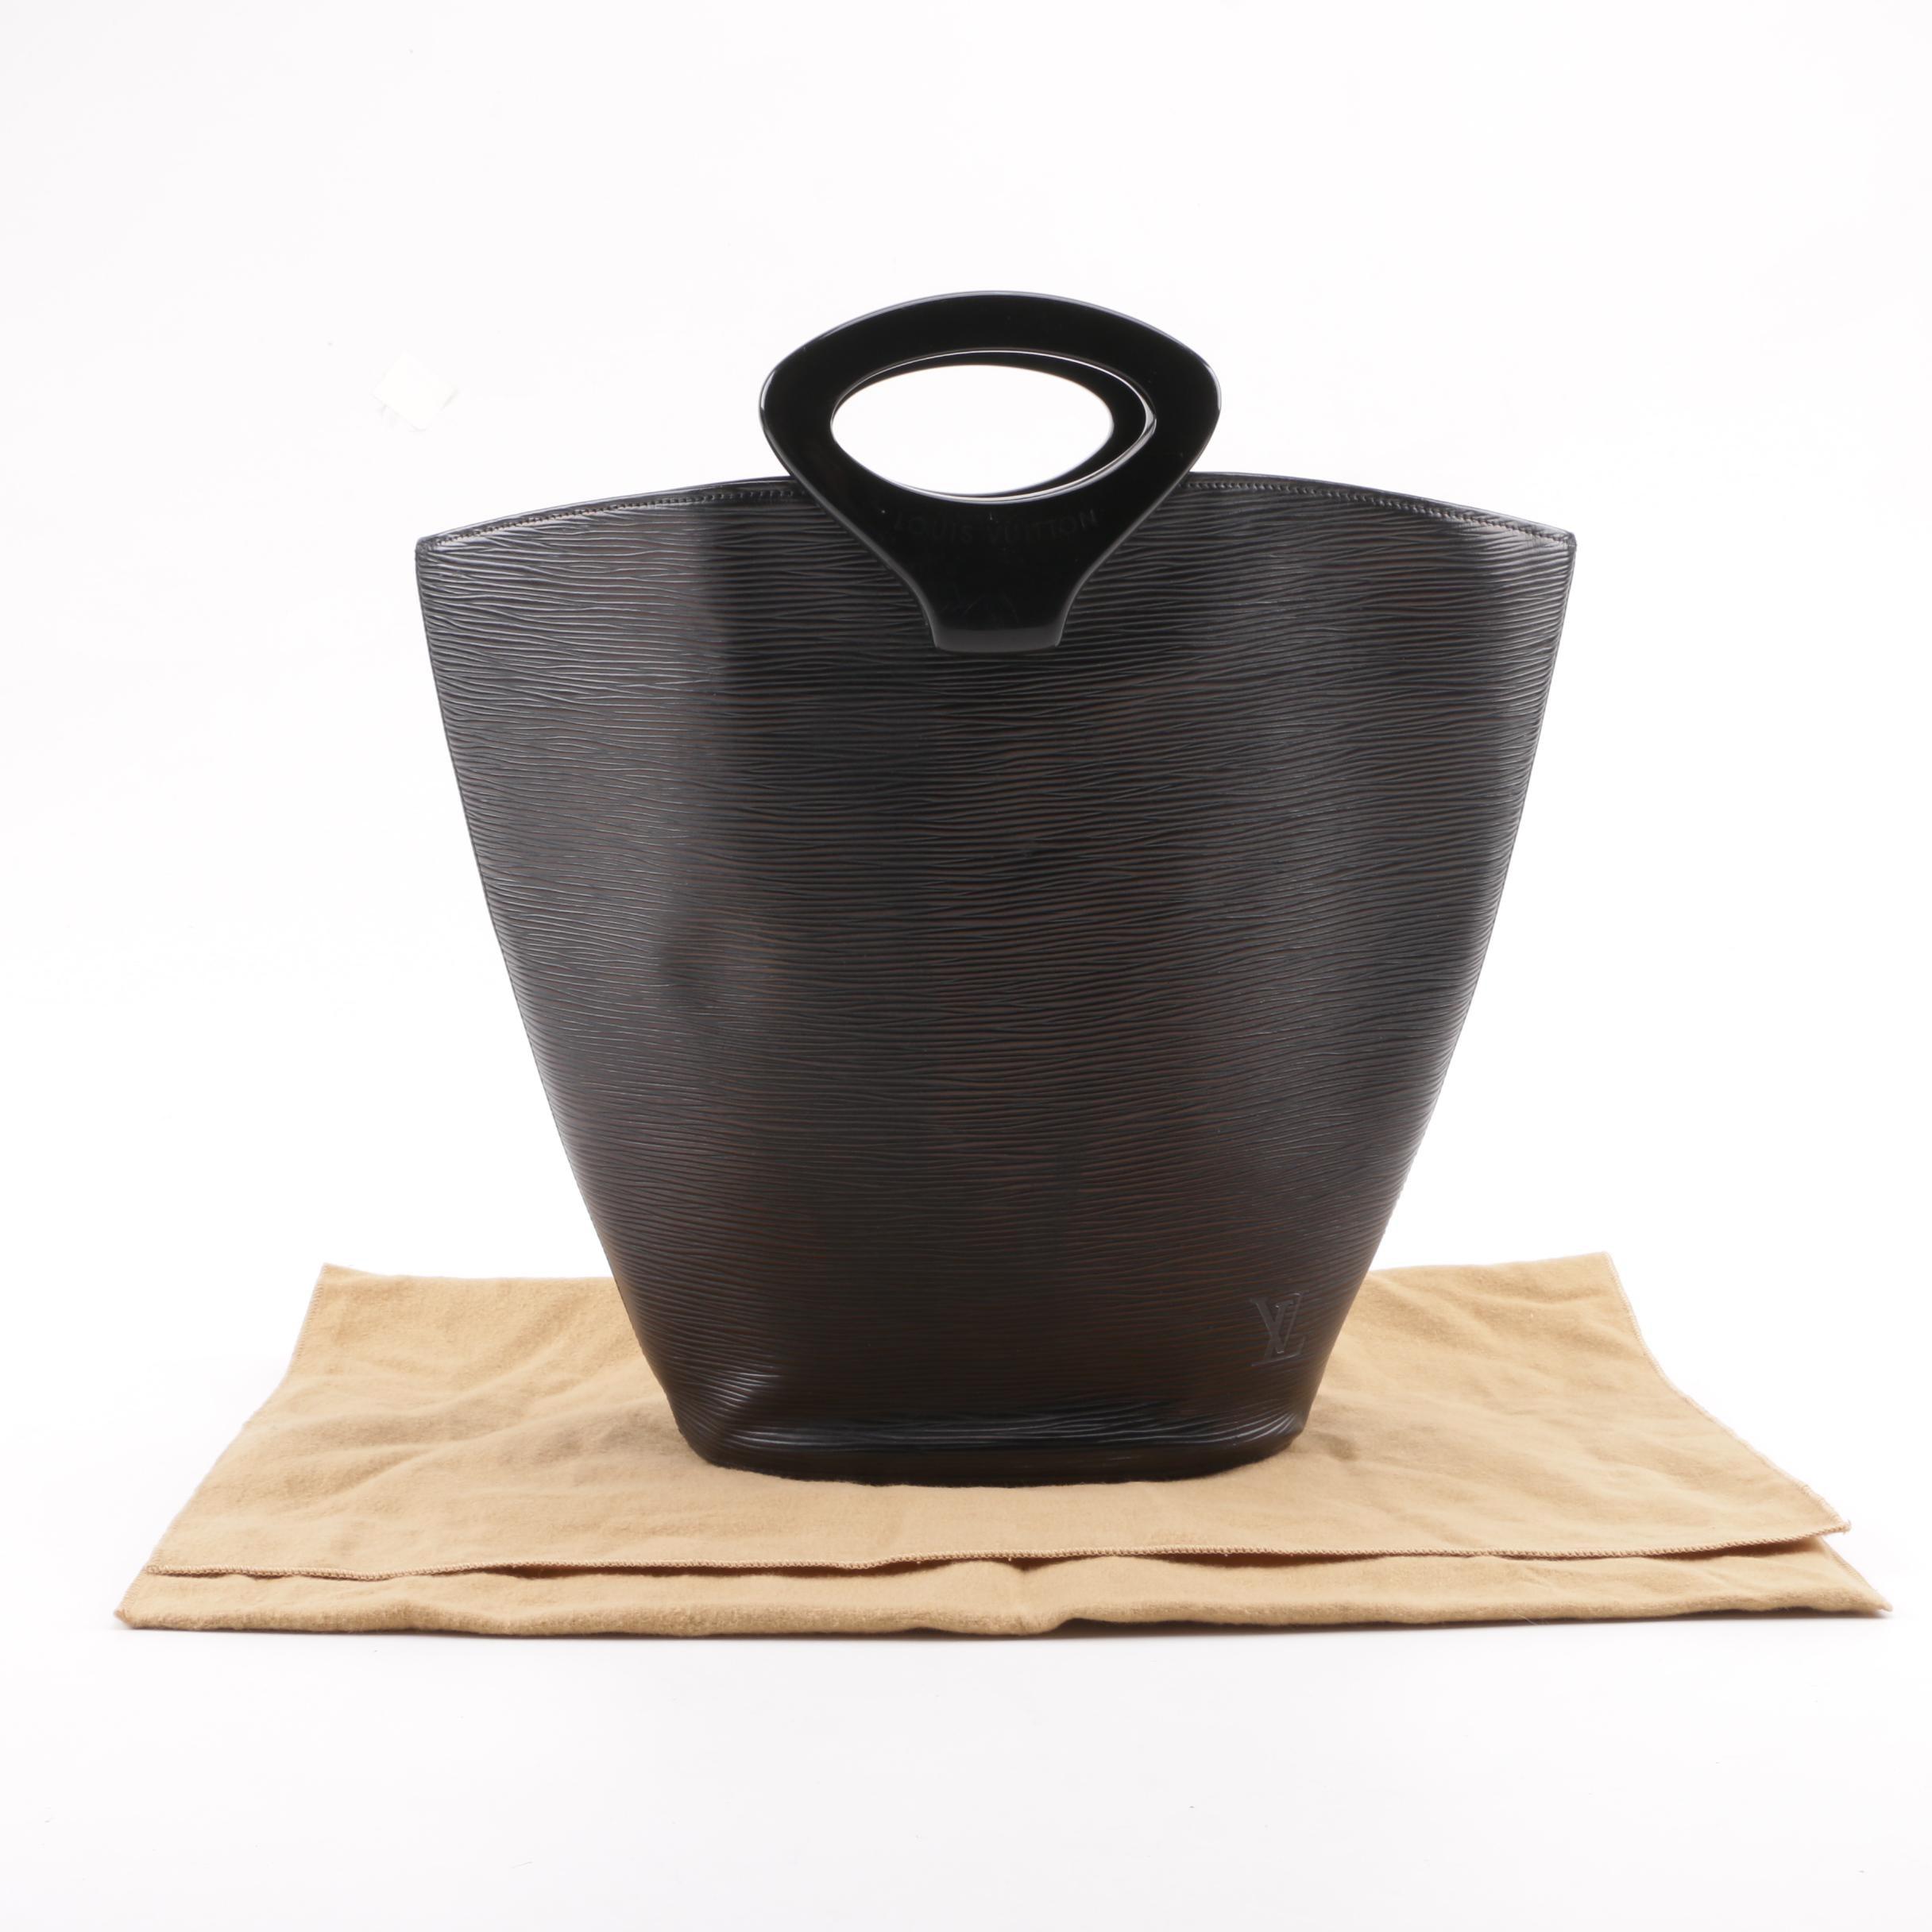 Louis Vuitton Paris Black Epi Leather Noctambule Tote Bag